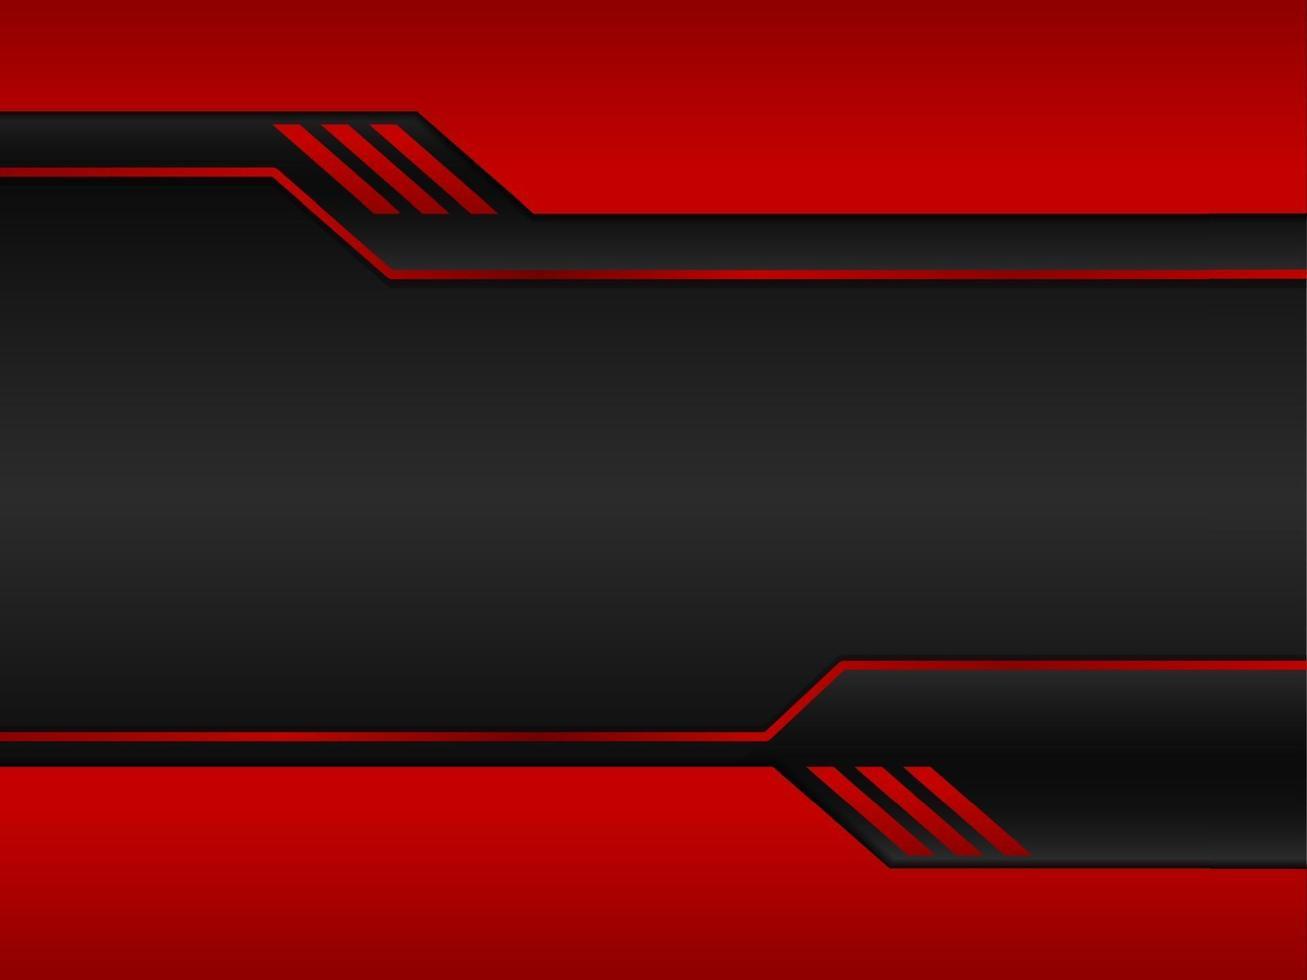 preto abstrato com fundo de metal vermelho vetor